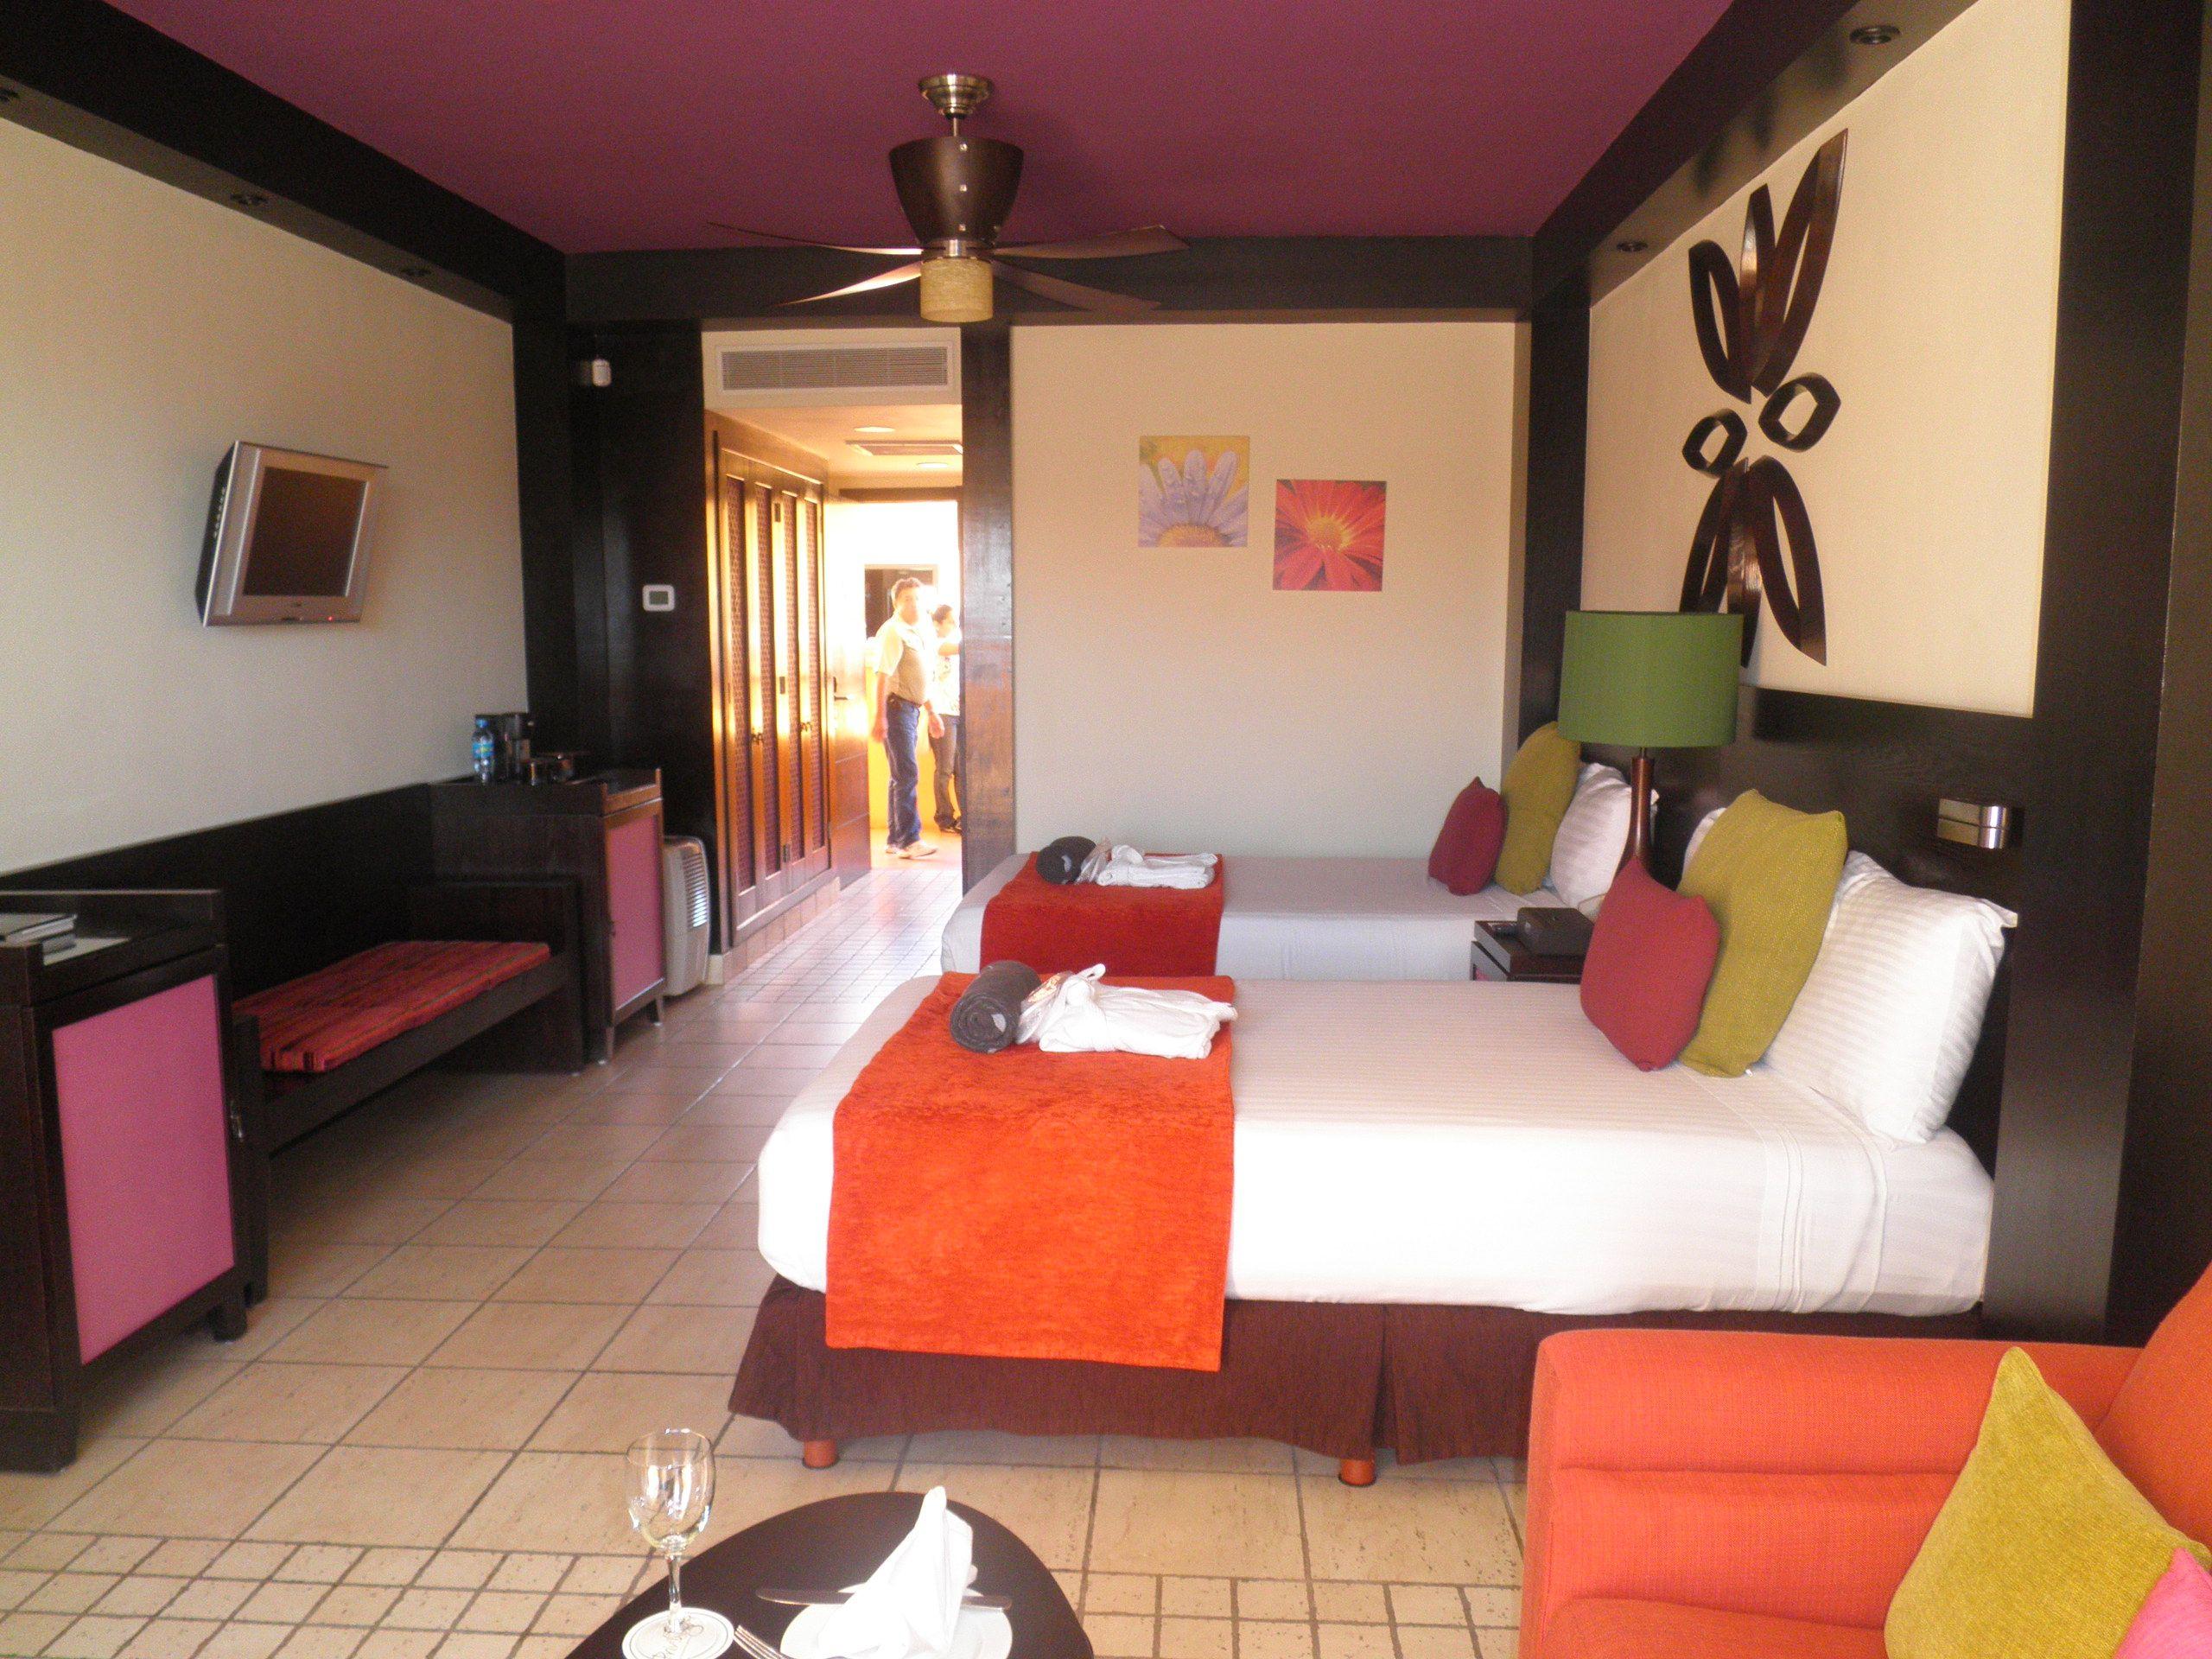 Habitaci n hotel ocean coral turquesa riviera maya decoraci n de interiores pinterest - Decoracion habitacion hotel ...